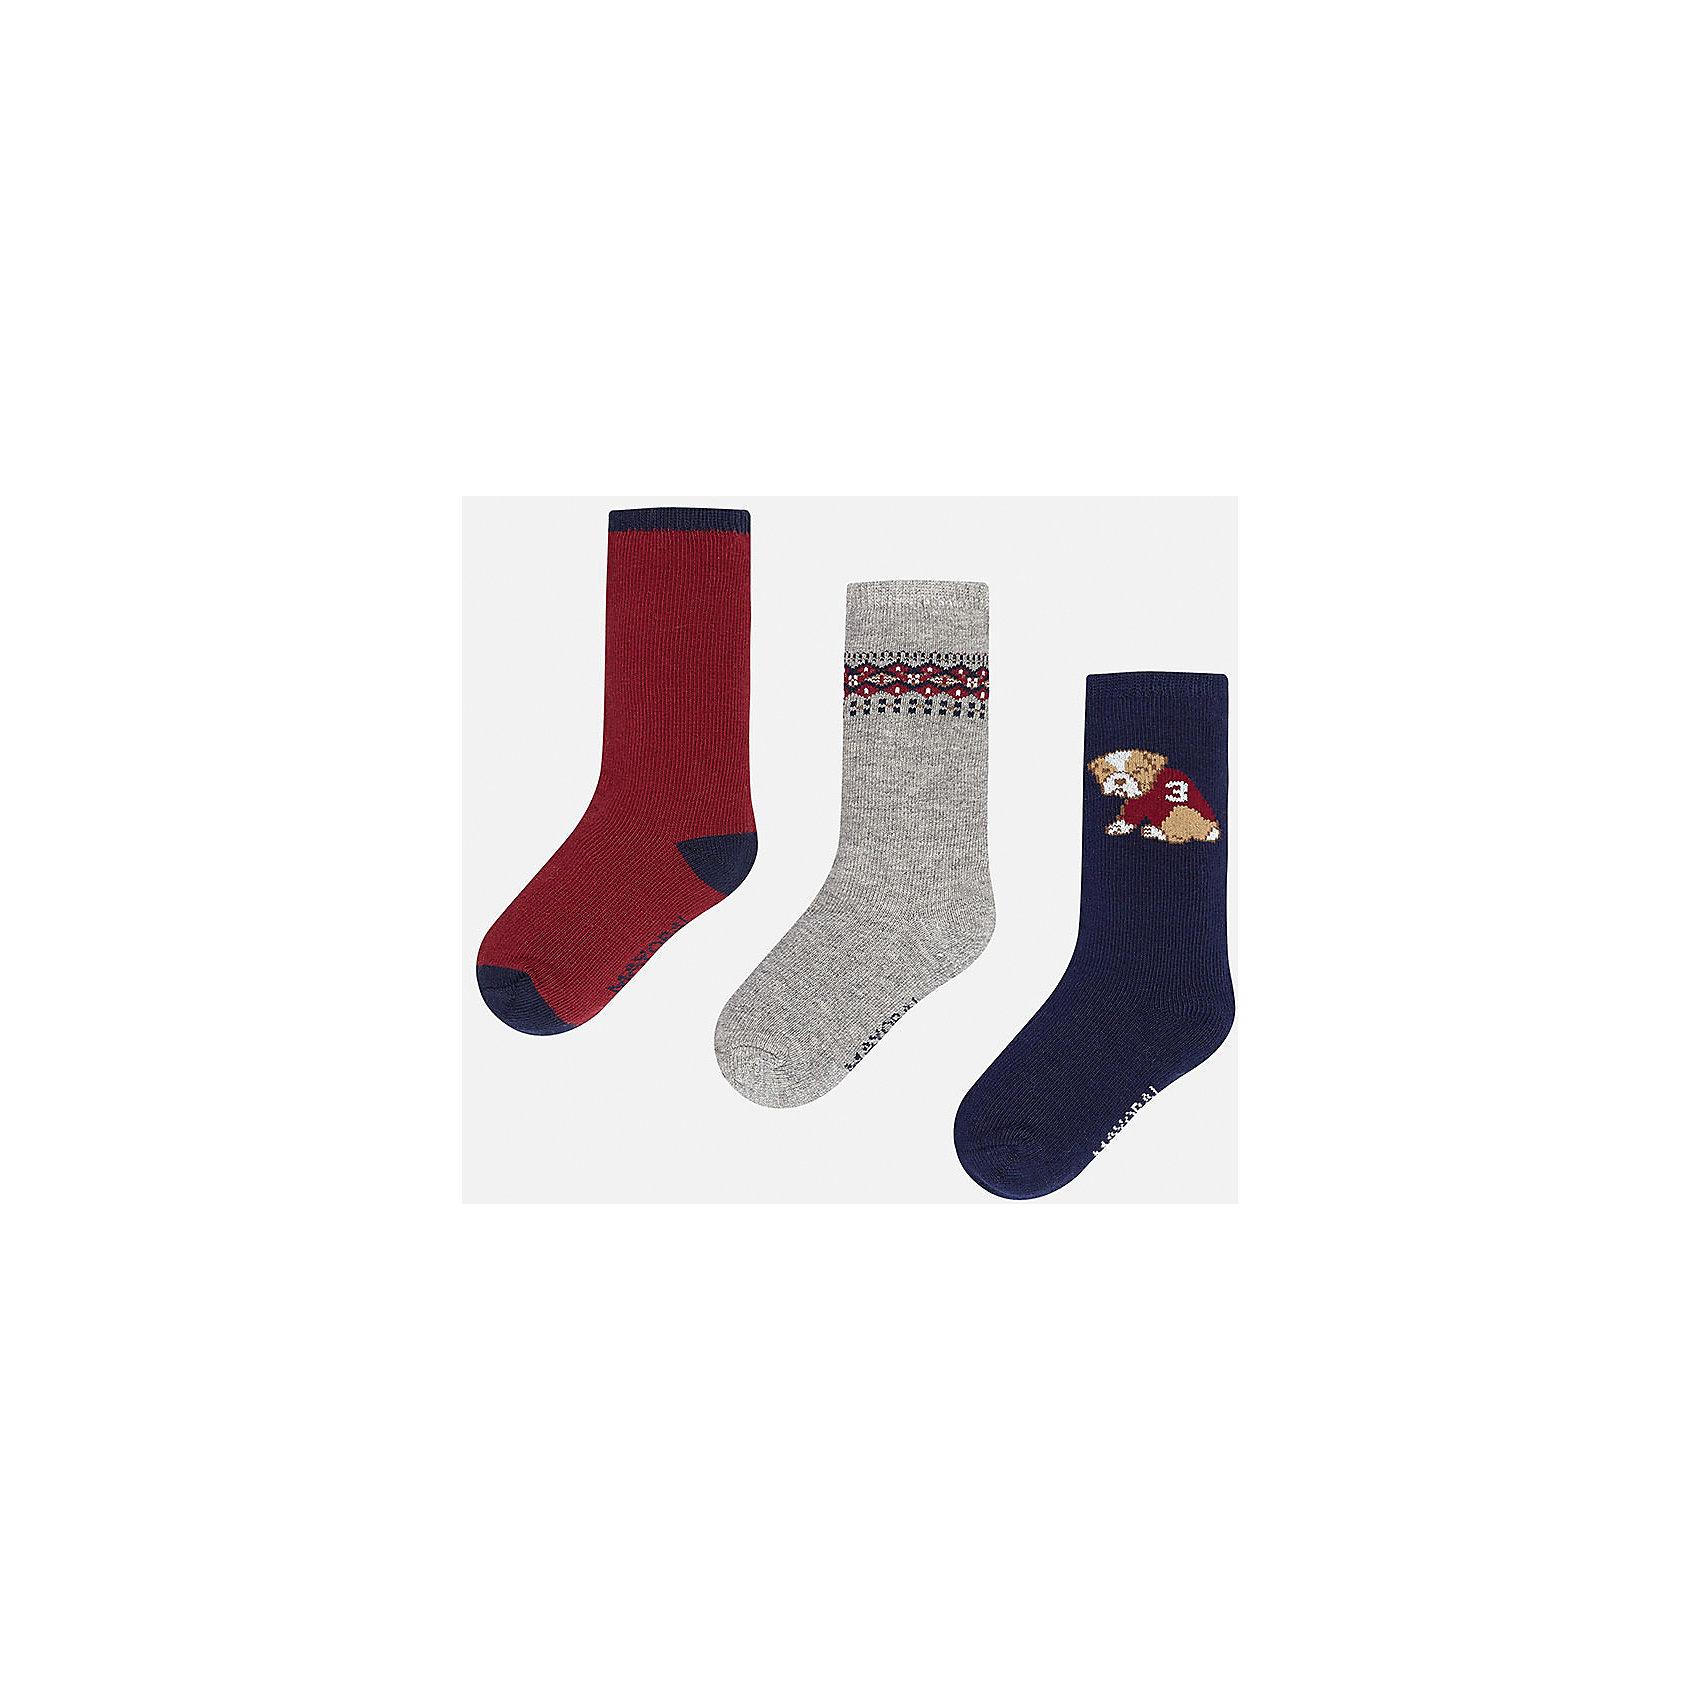 Комплект:3 пары носков для мальчика MayoralНоски<br>Набор из 3 пар носков для мальчиков от известного испанского бренда Mayoral. В комплекте носки разной расцветки: красный с темно-синими пяткой, носком и резинкой, серый с красно-синим узором сверху, темно-синий с рисунком собачка. Носки сделаны из специальных дышащих материалов, чтобы ноги ребенка не потели.<br>Дополнительная информация:<br>-разная расцветка<br>-состав: 77% хлопок, 20% полиамид, 3% эластан<br>Комплект носков Mayoral можно приобрести в нашем интернет-магазине.<br><br>Ширина мм: 87<br>Глубина мм: 10<br>Высота мм: 105<br>Вес г: 115<br>Цвет: разноцветный<br>Возраст от месяцев: 9<br>Возраст до месяцев: 12<br>Пол: Мужской<br>Возраст: Детский<br>Размер: 1,2<br>SKU: 4820026